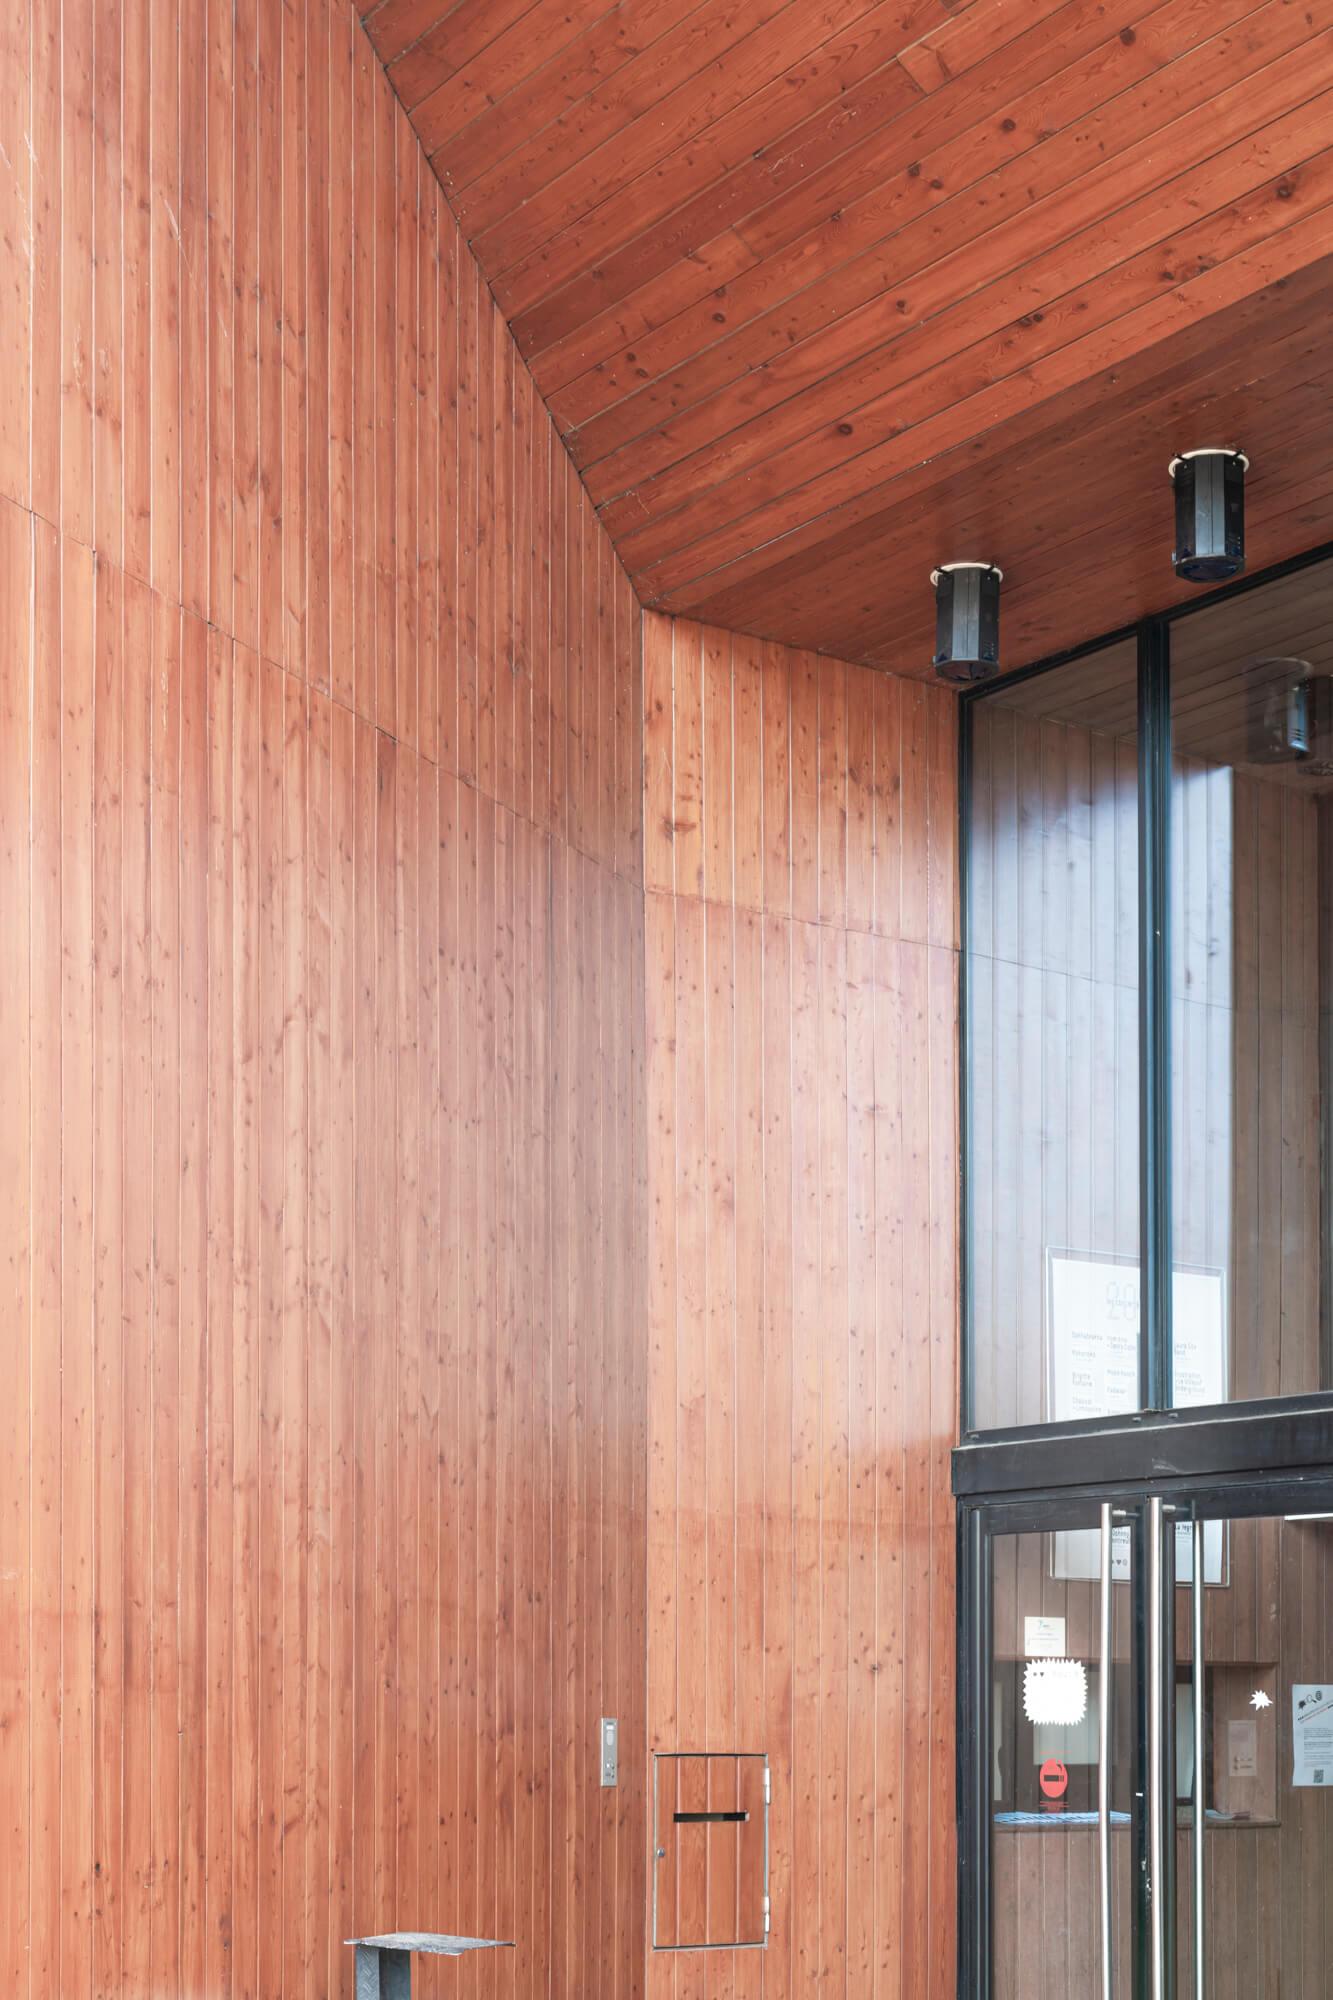 Photographe paris Come bocabeille massy centre culturel architecture bois bardage